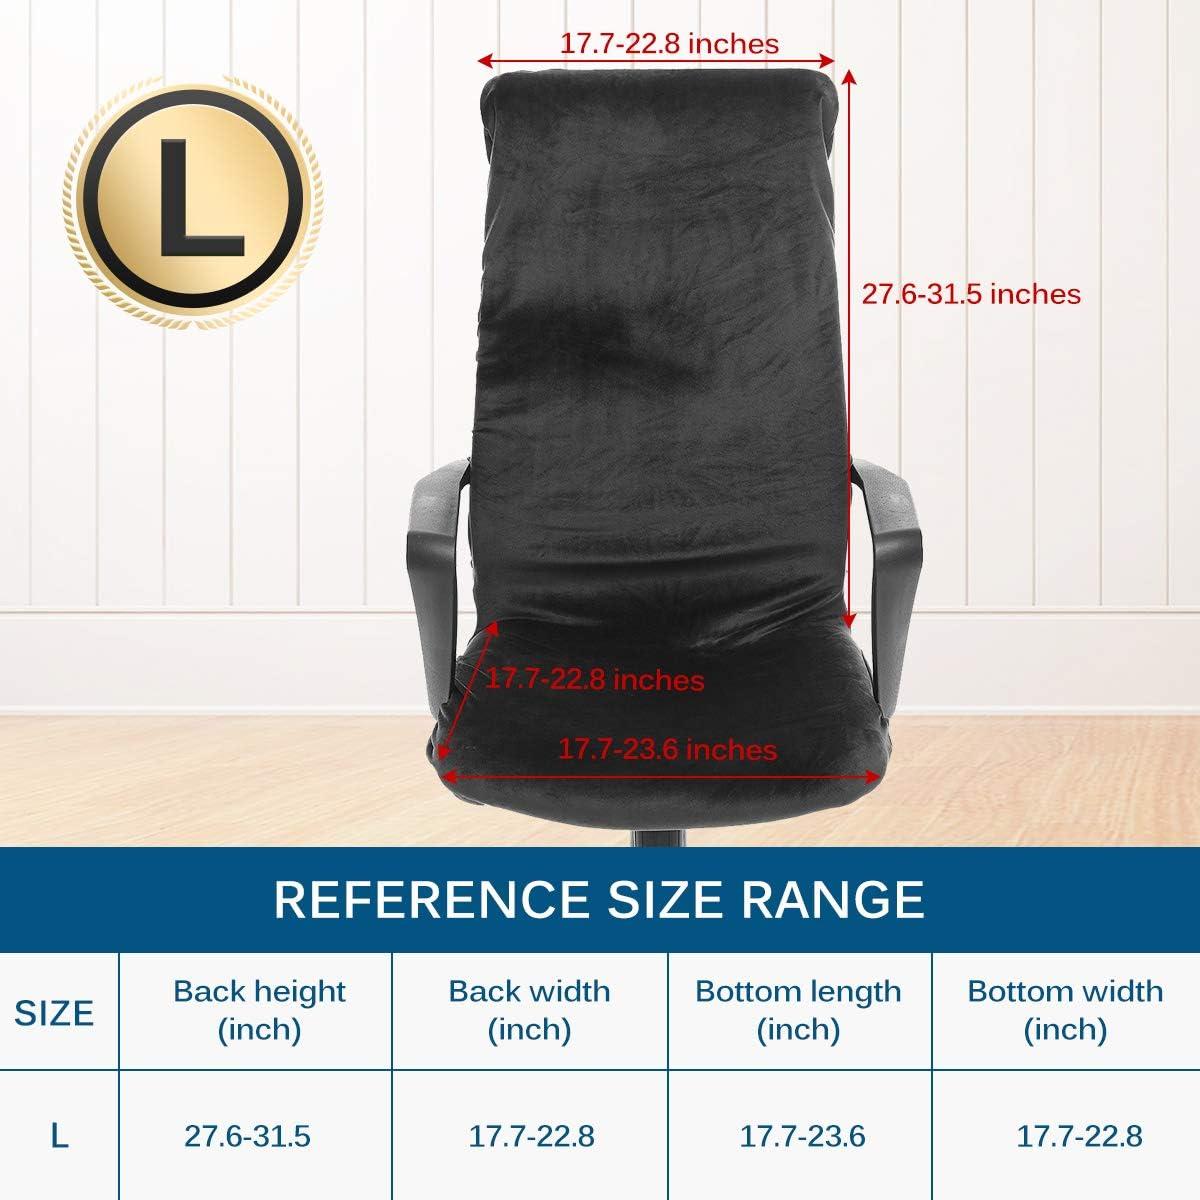 CAVEEN Housse de Chaise de Bureau D/émontable Elastique Simplissime Style Housse pour Fauteuil de Bureau Gris Fonc/é, L